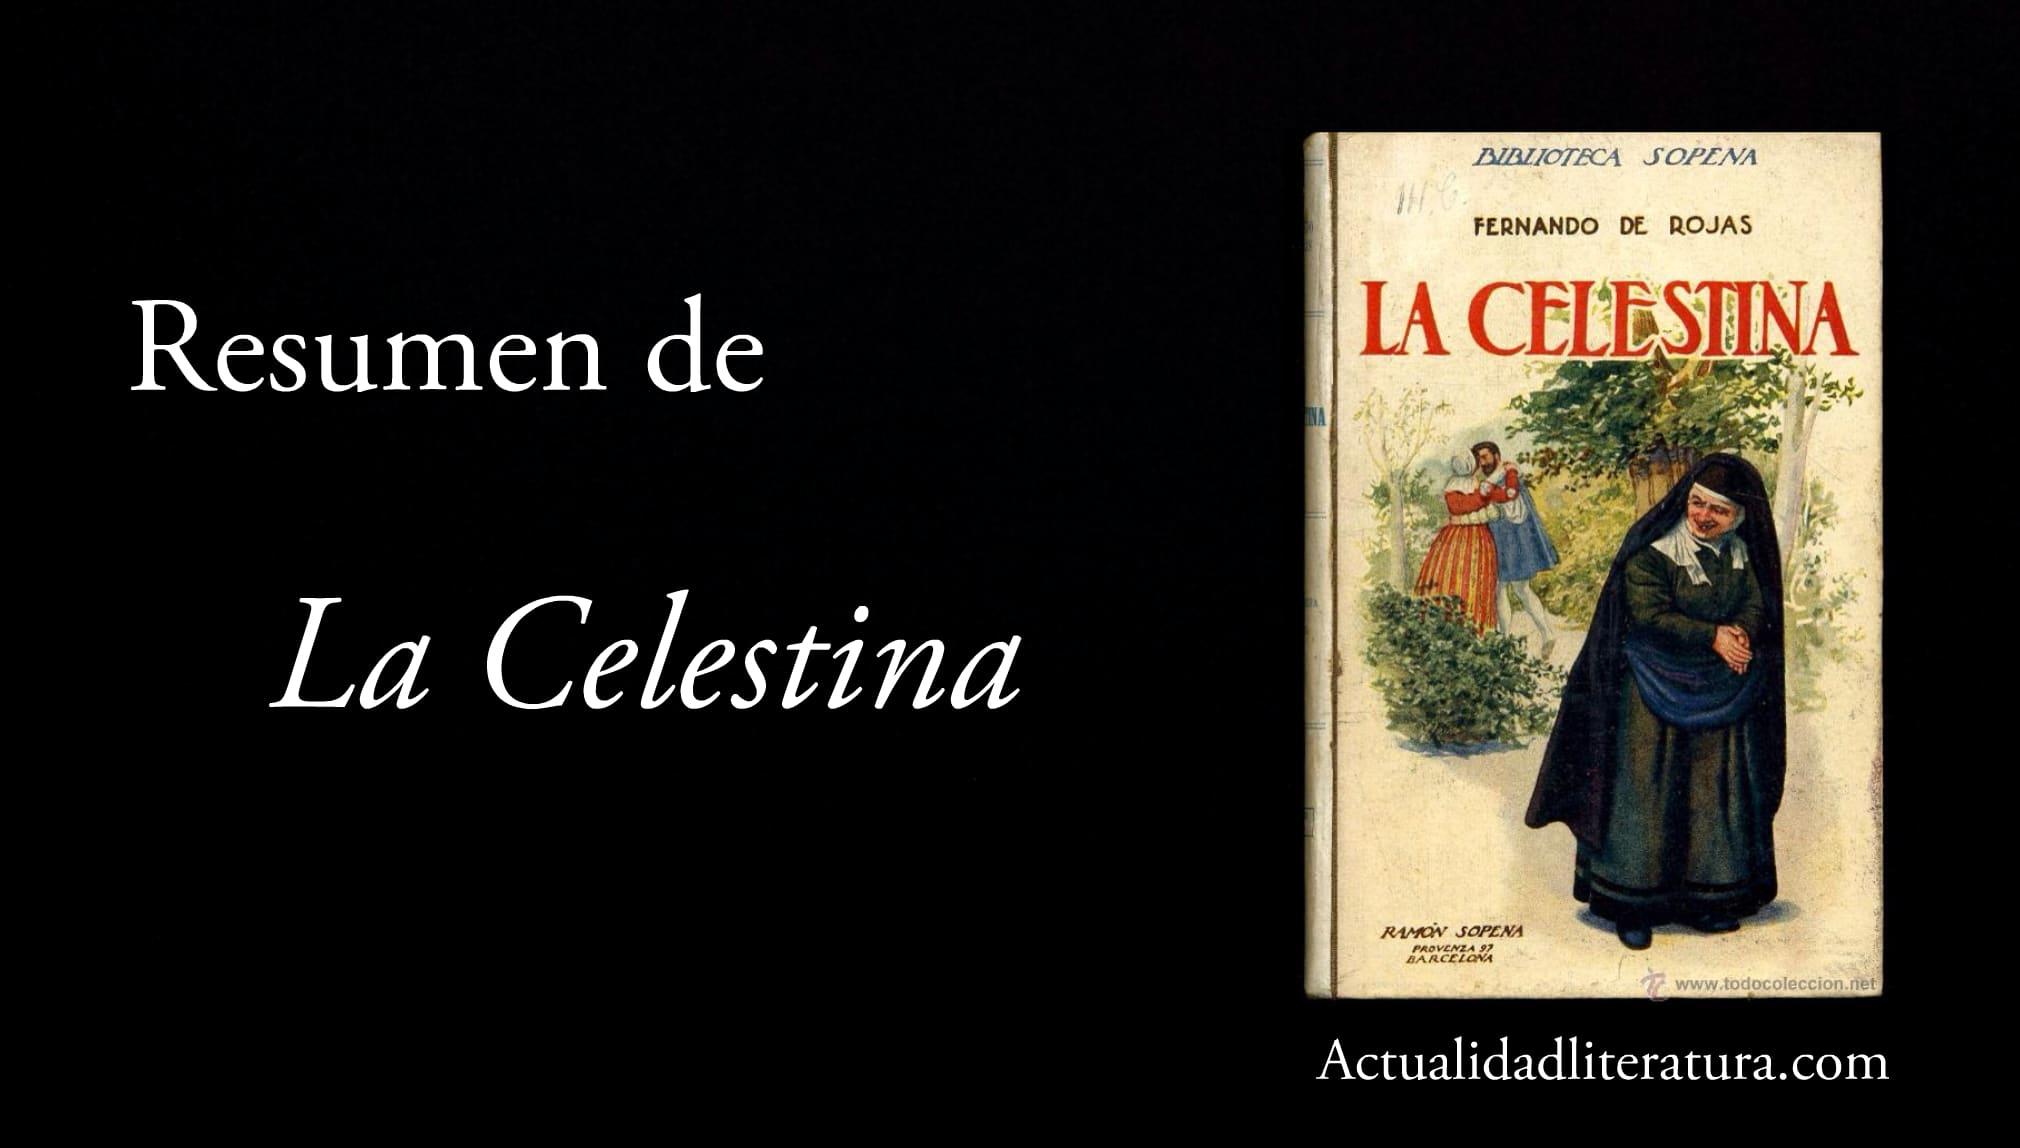 Resumen de La Celestina.